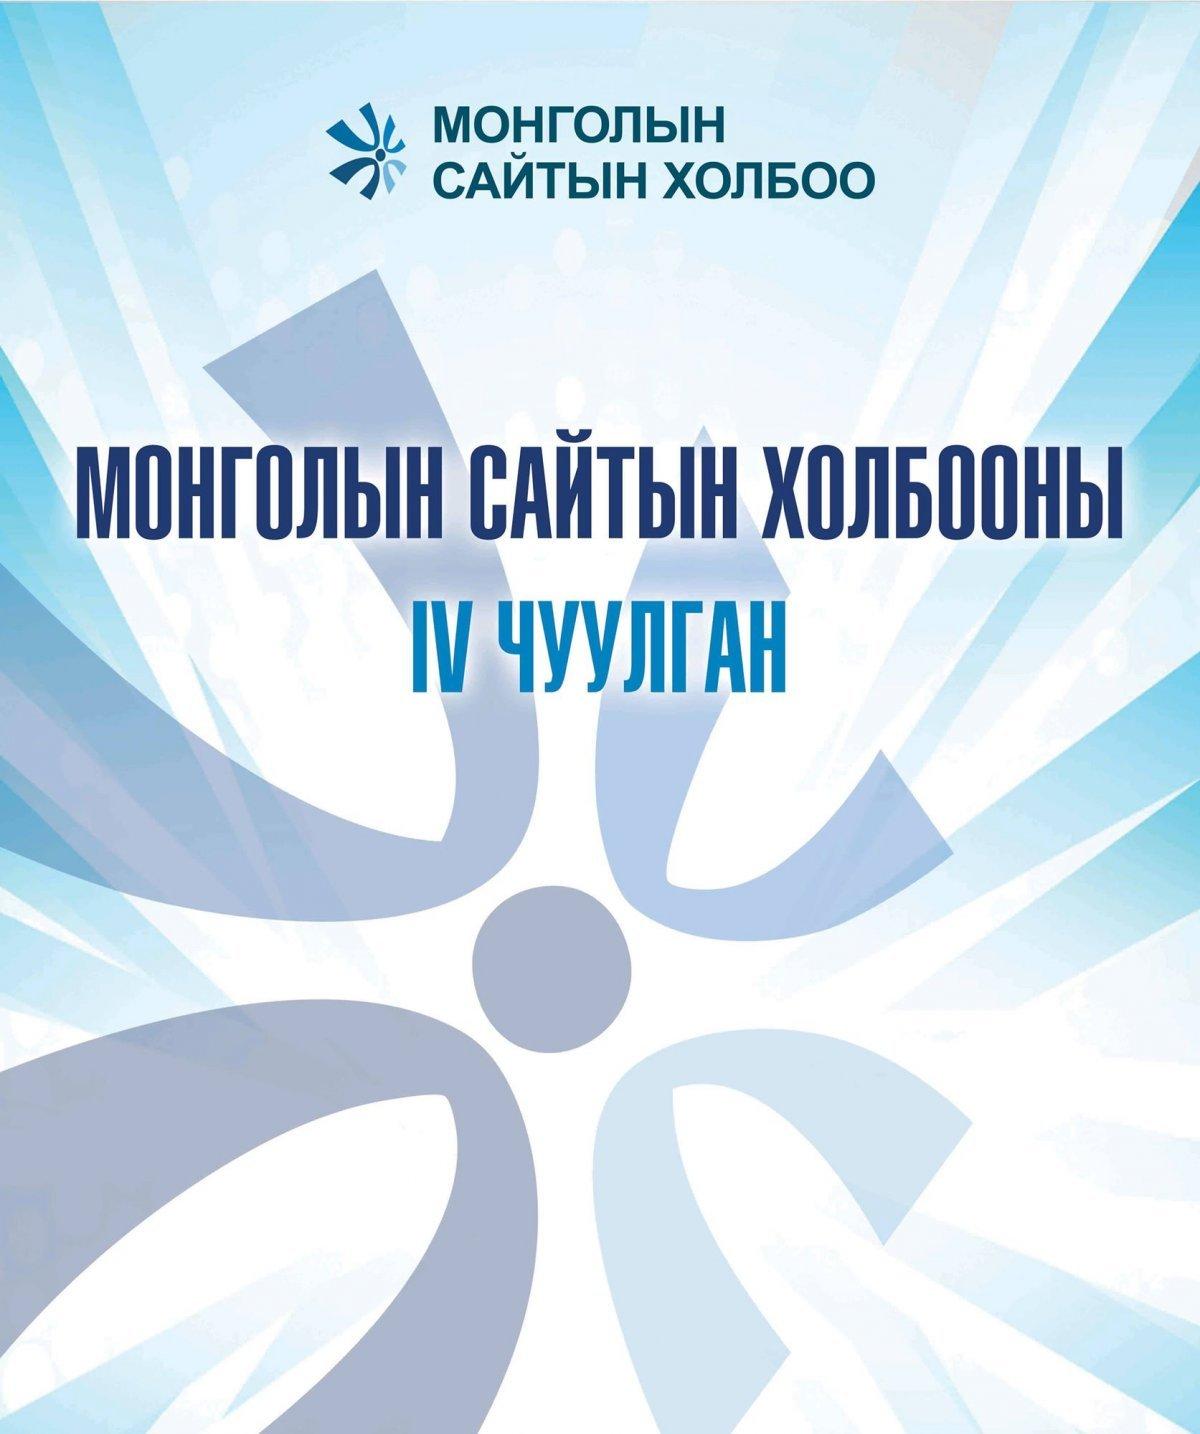 Монголын Сайтын холбооны IV чуулган өнөөдөр болно